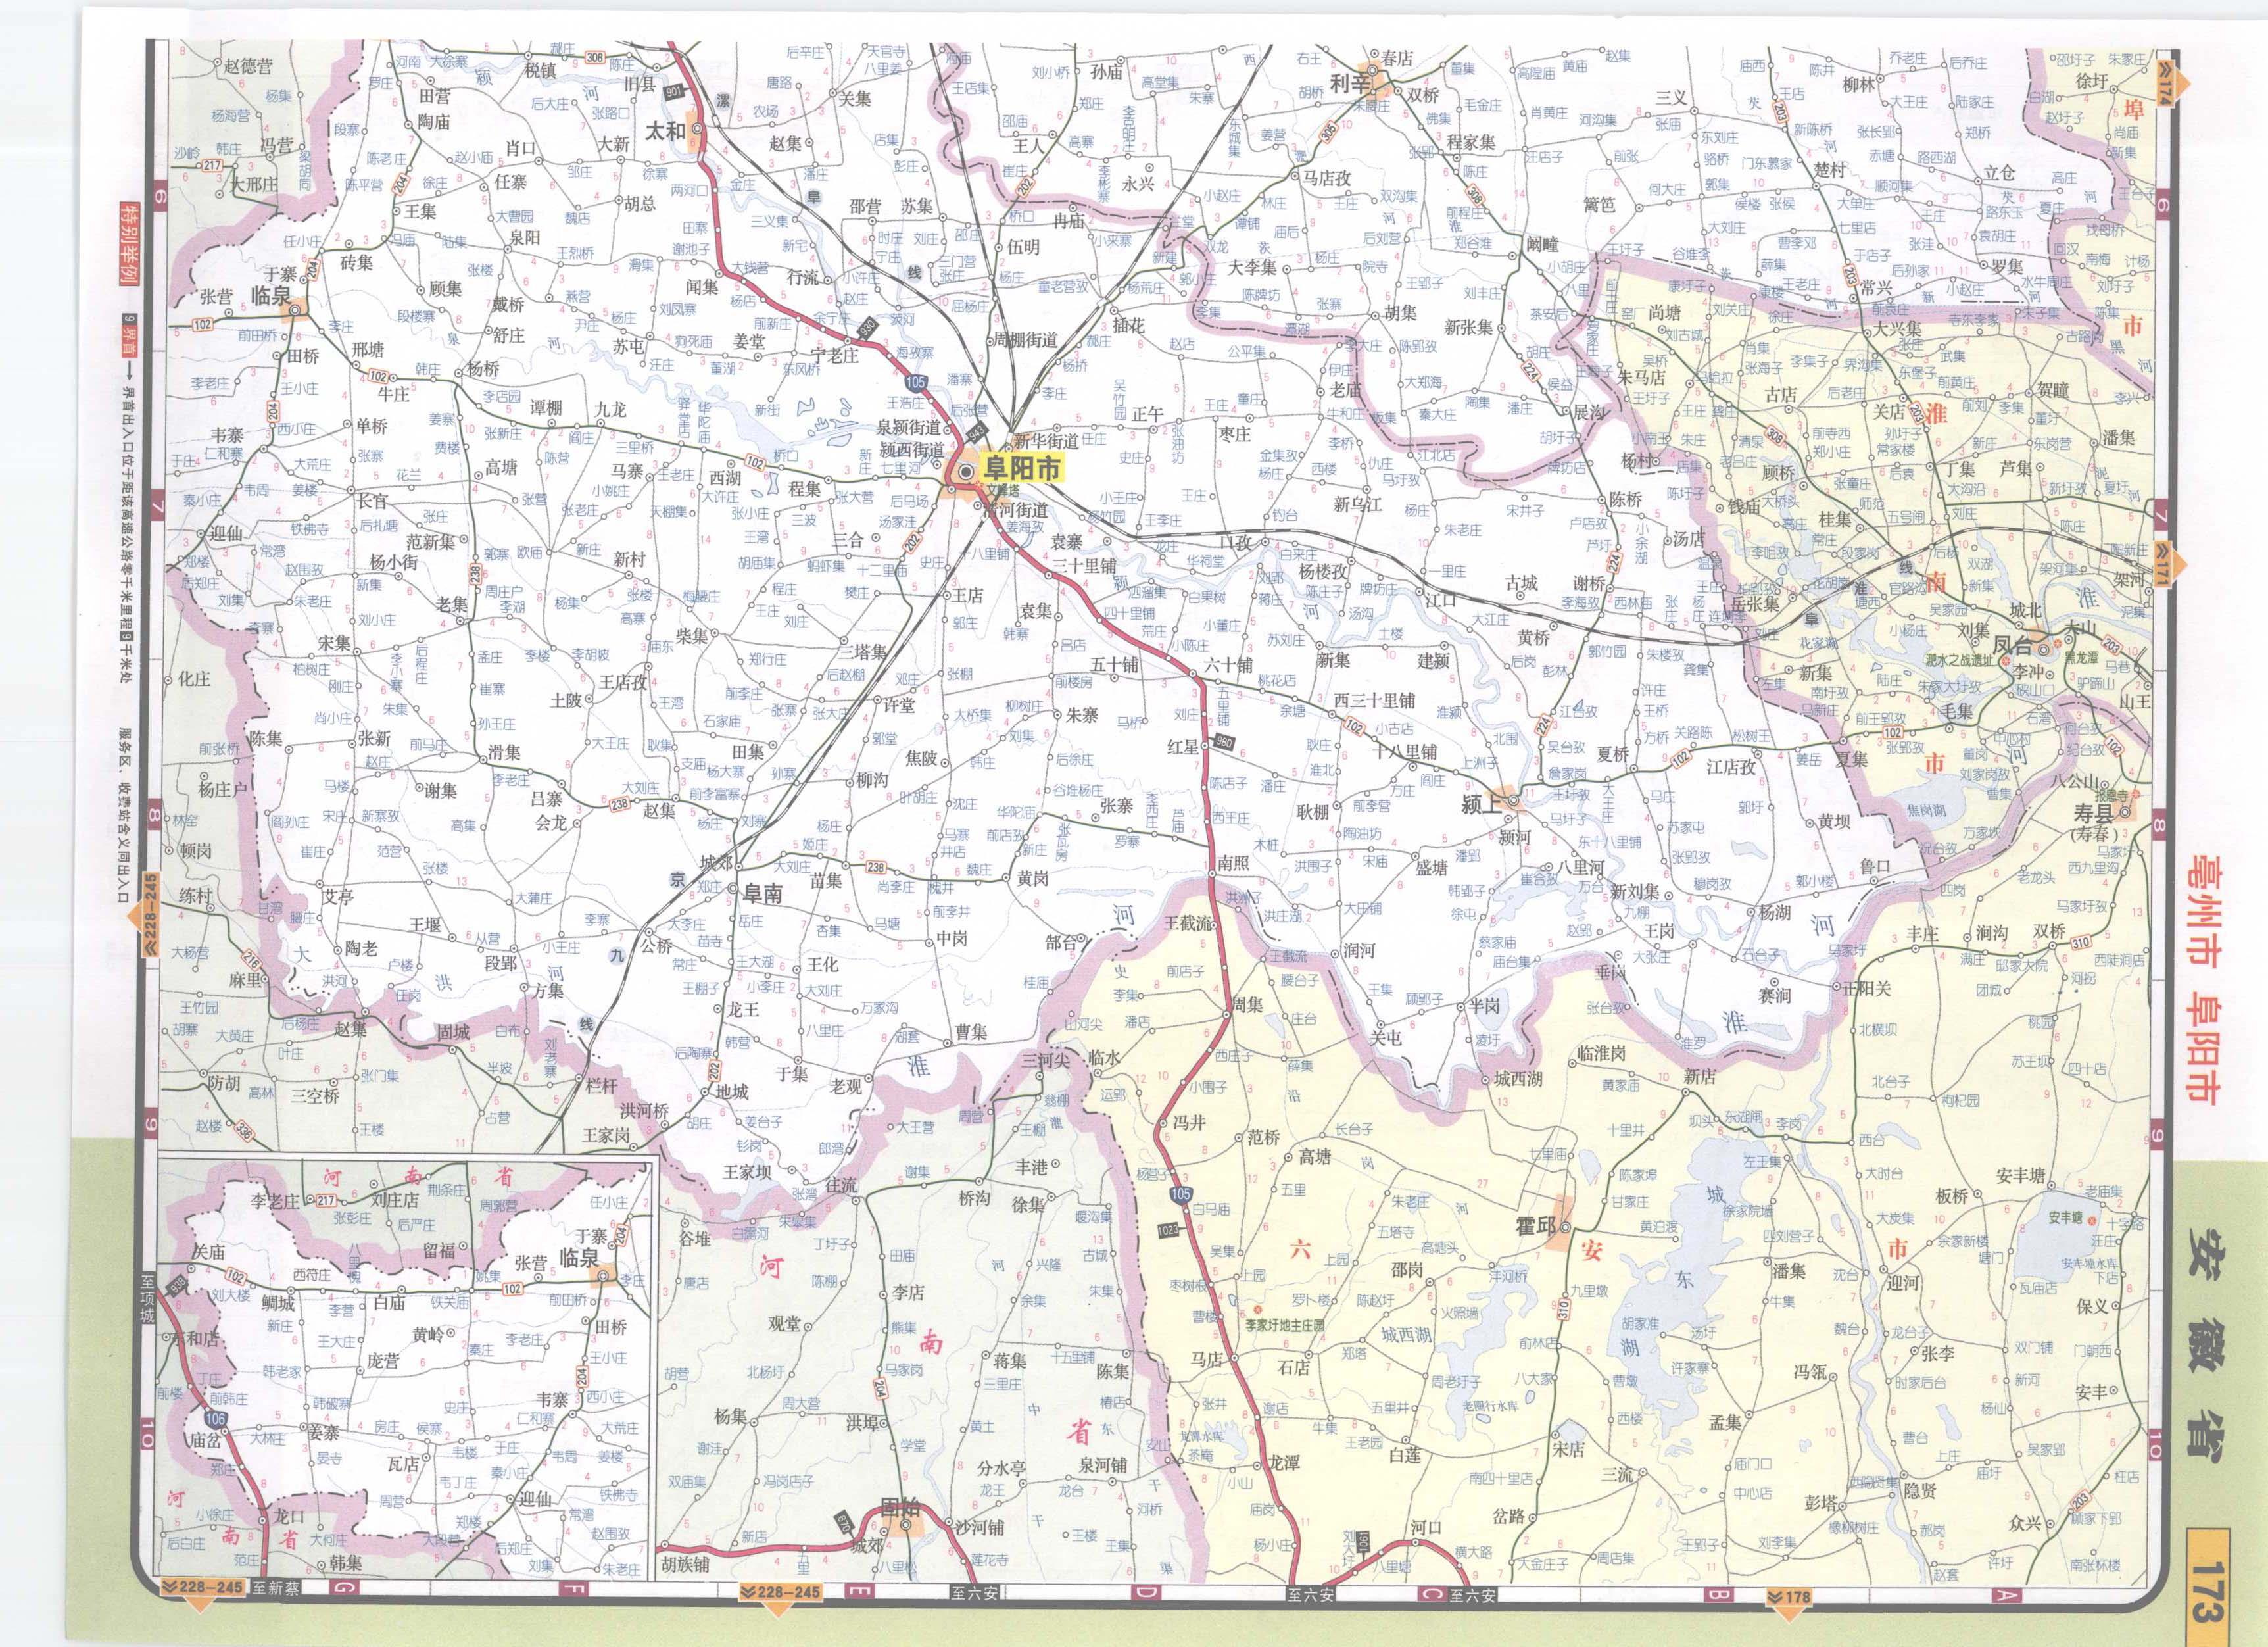 安徽省毫州市阜阳市高速公路网地图图片